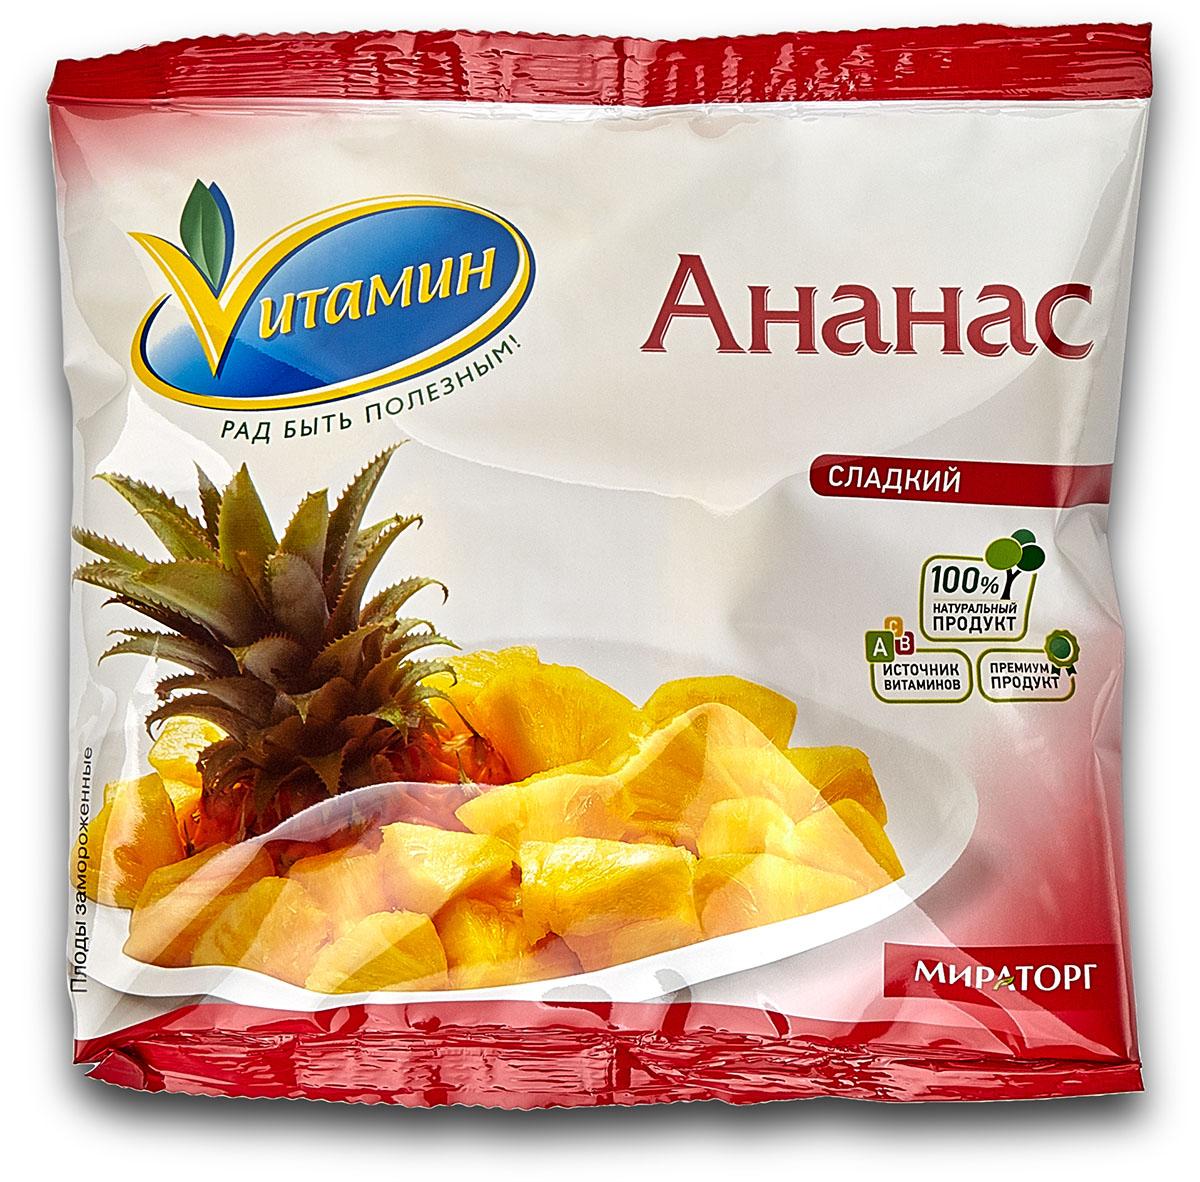 Ананас сладкий Vитамин, 300 г